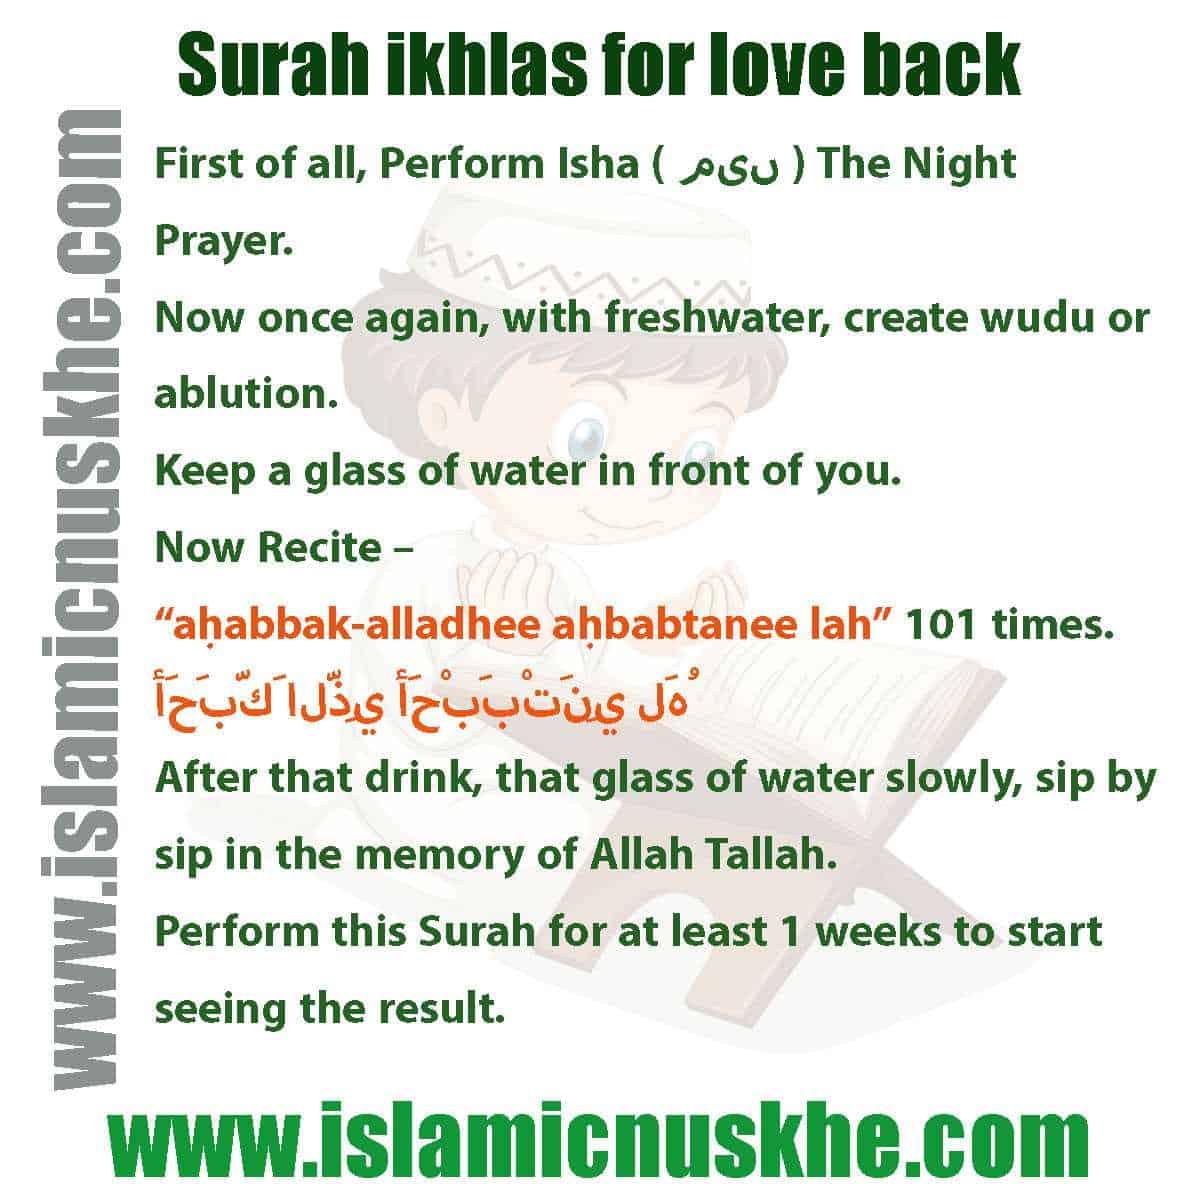 surah ikhlash for love back